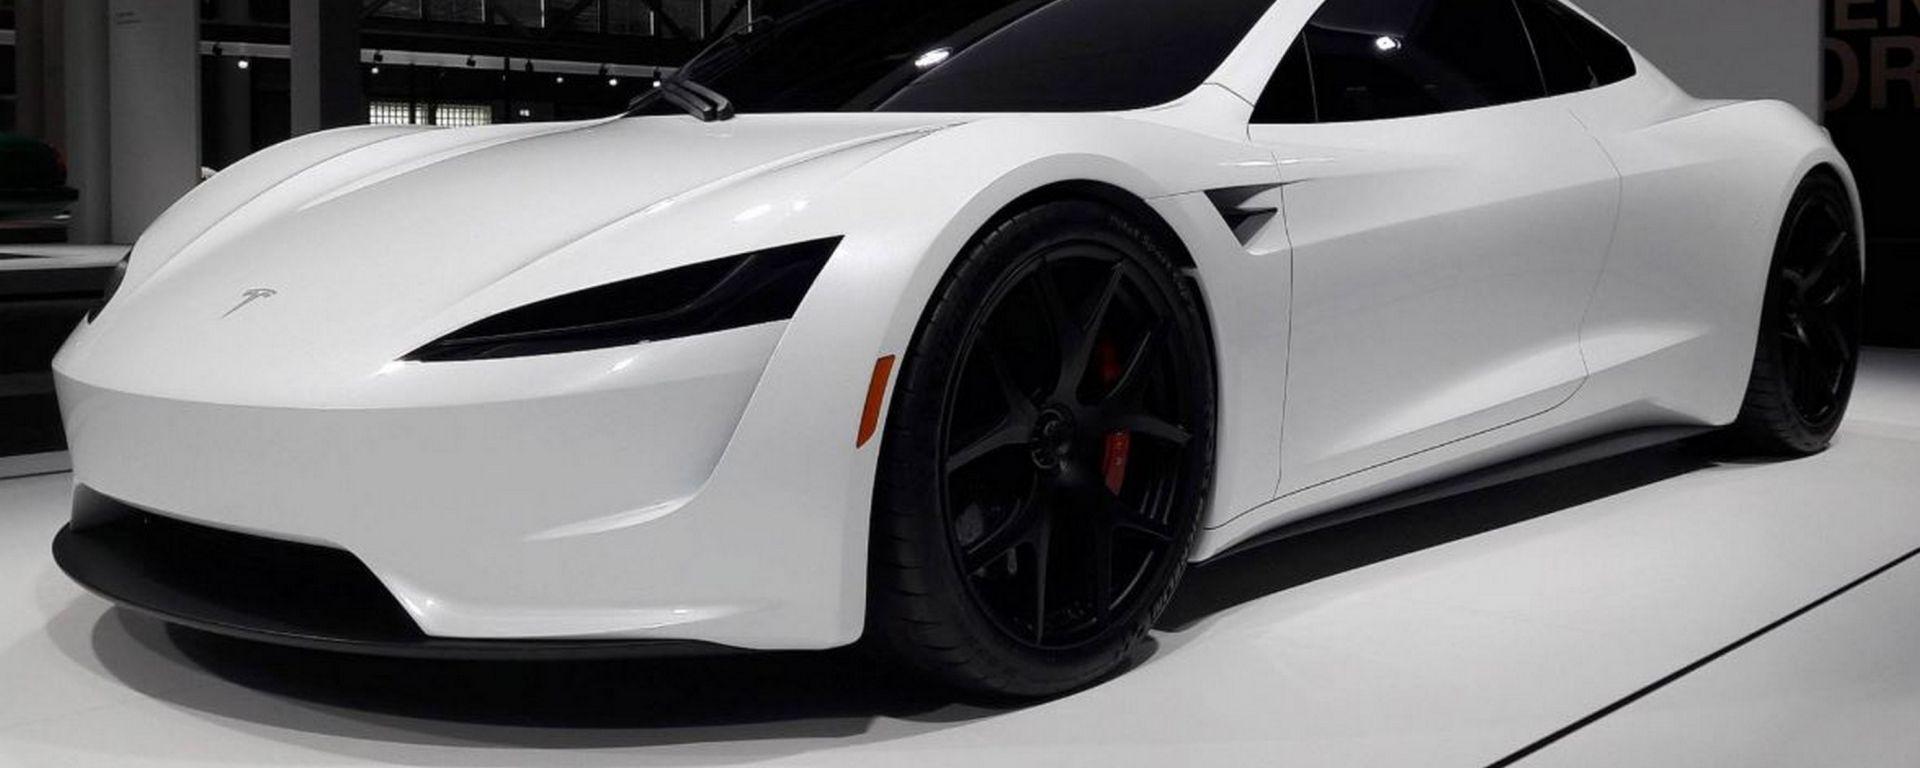 Tesla Roadster 2020: il prototipo visto da vicino